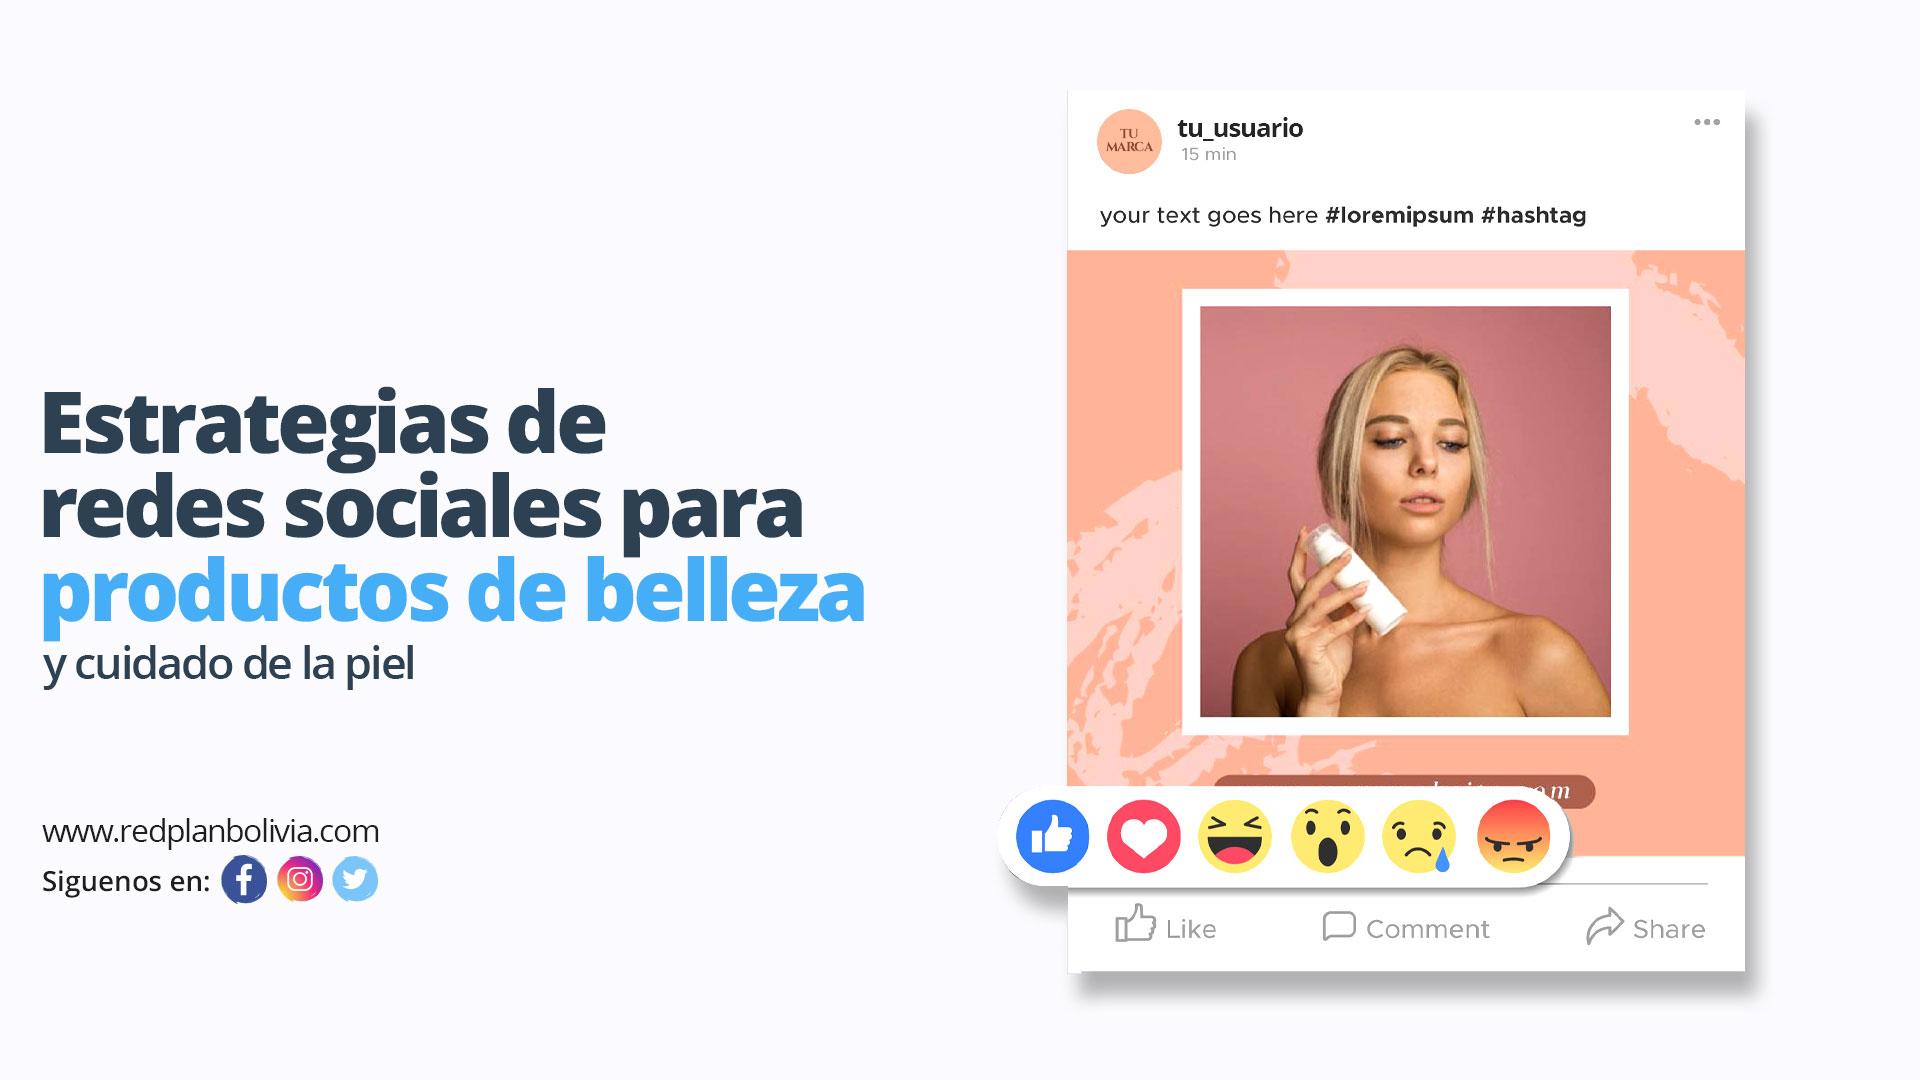 Estrategias de redes sociales para productos de belleza y cuidado de la piel